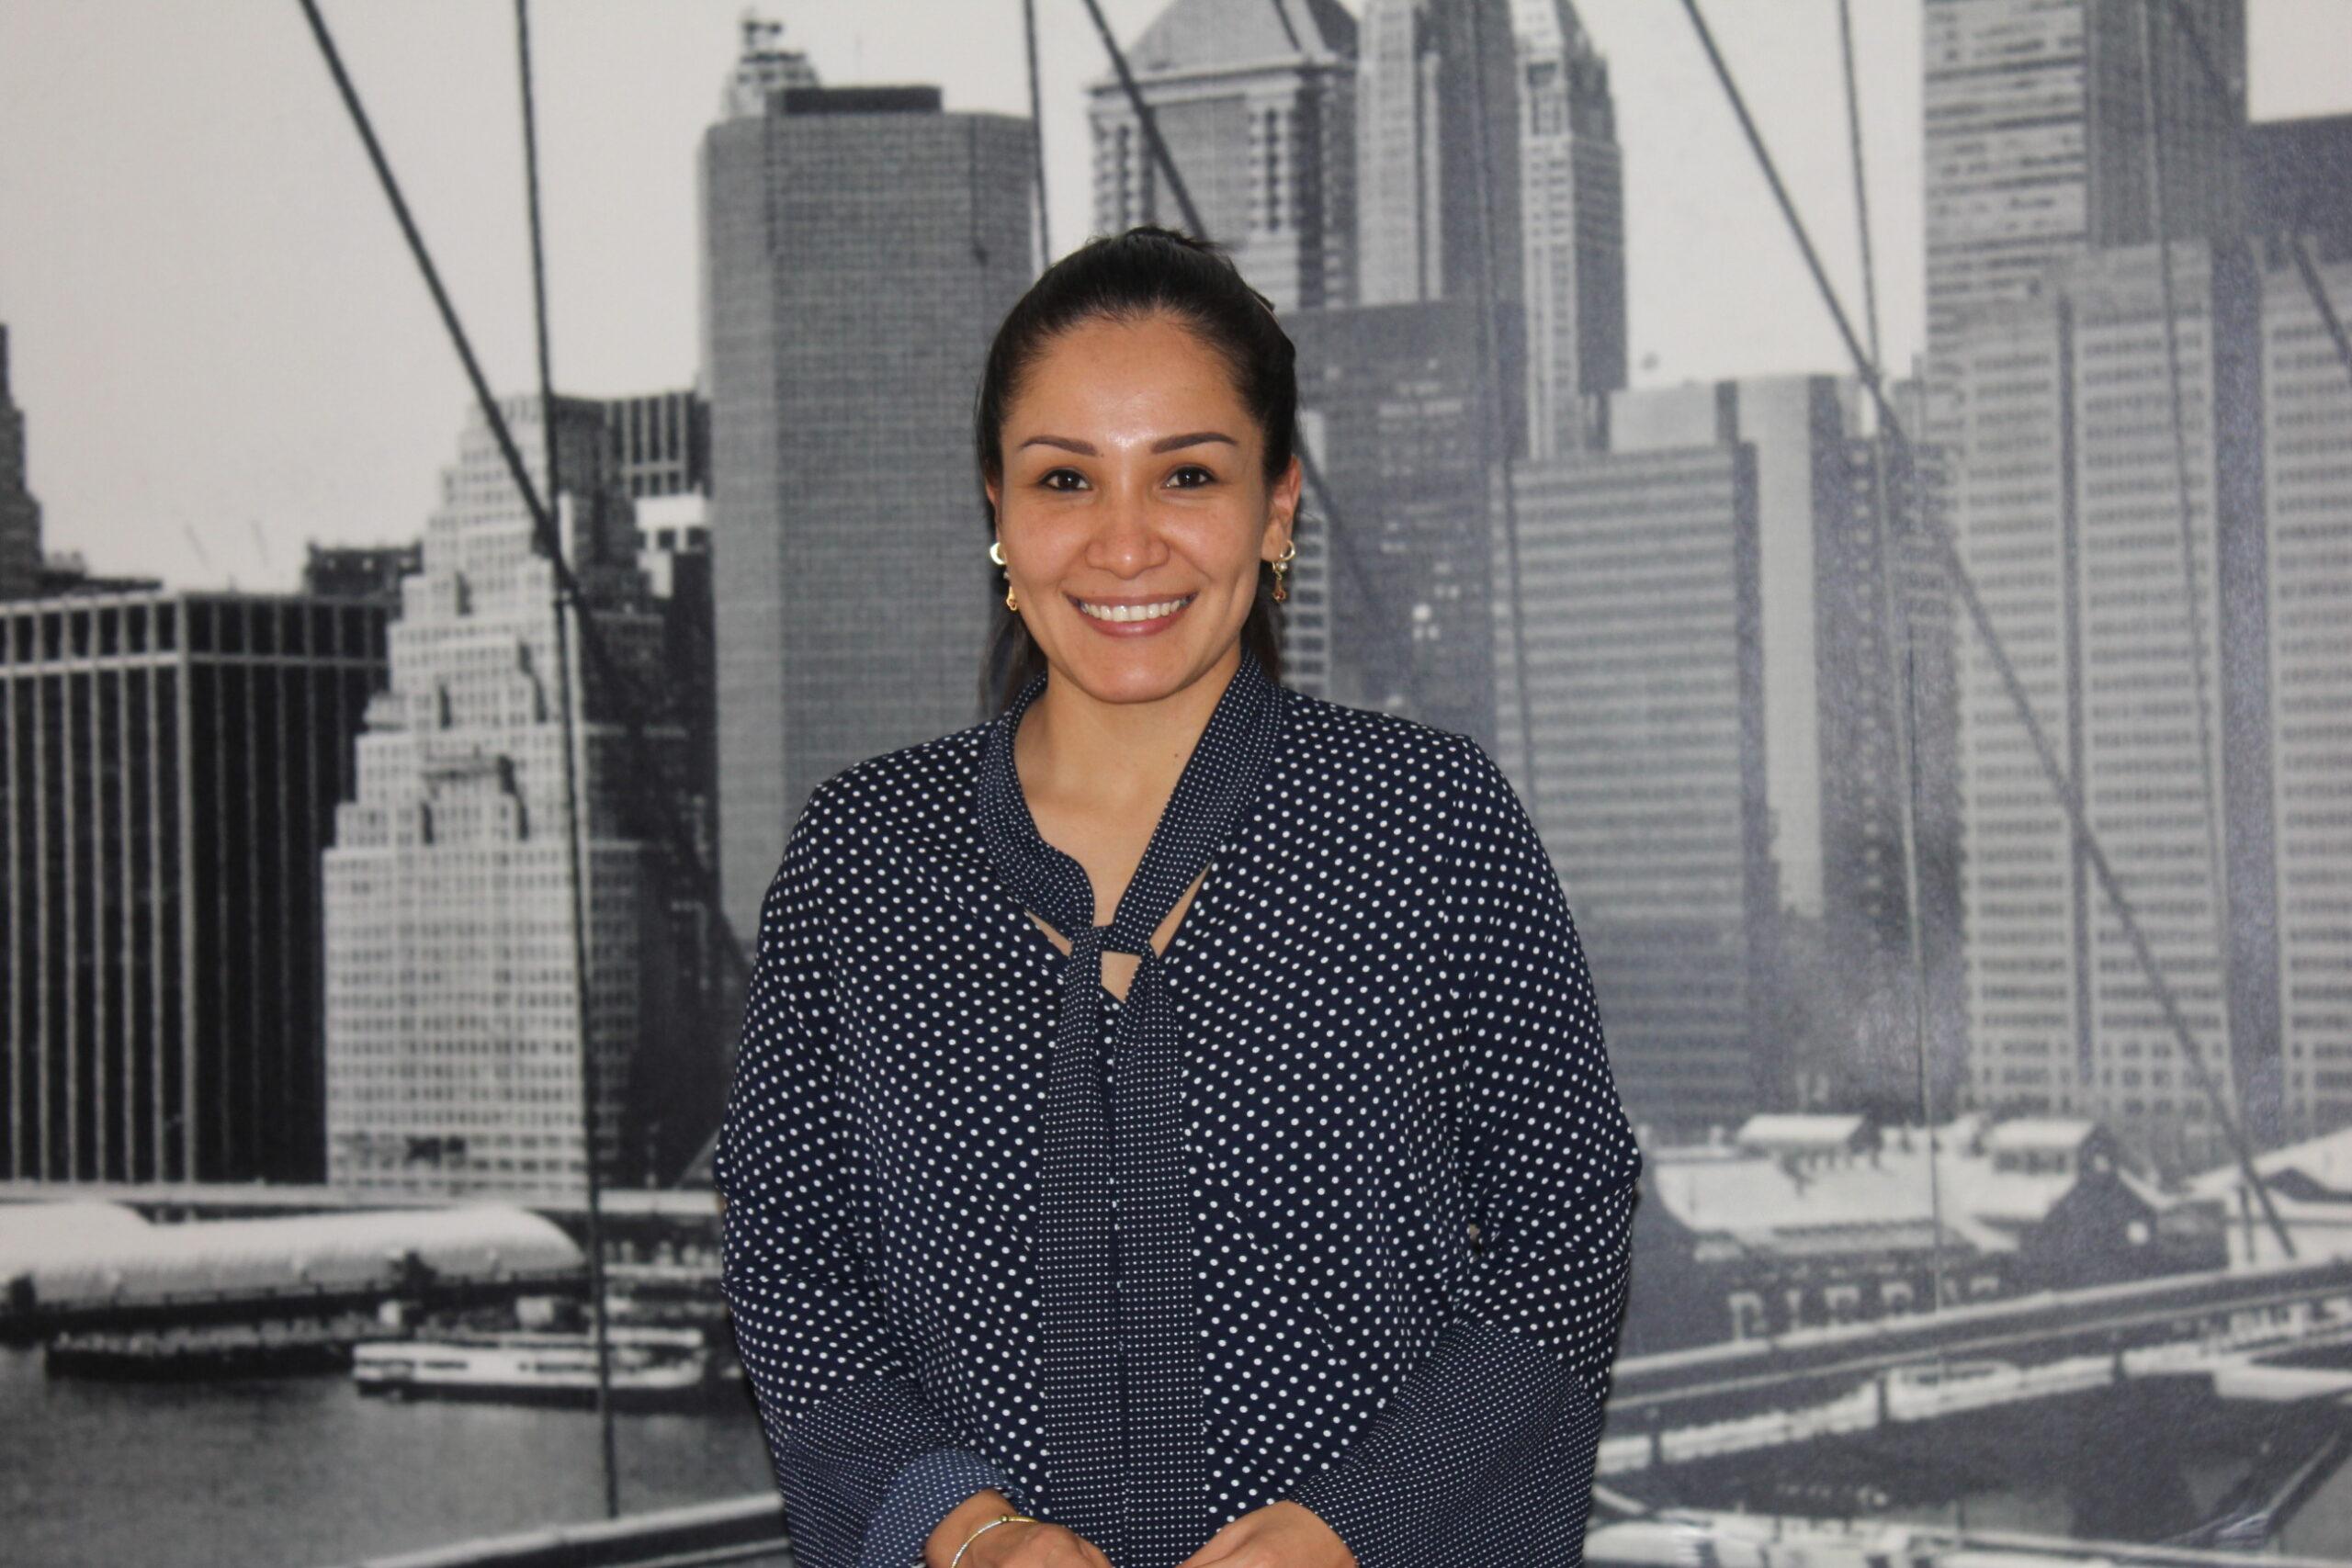 Luz Mª Burgos Herrera, Junior consultant OAK